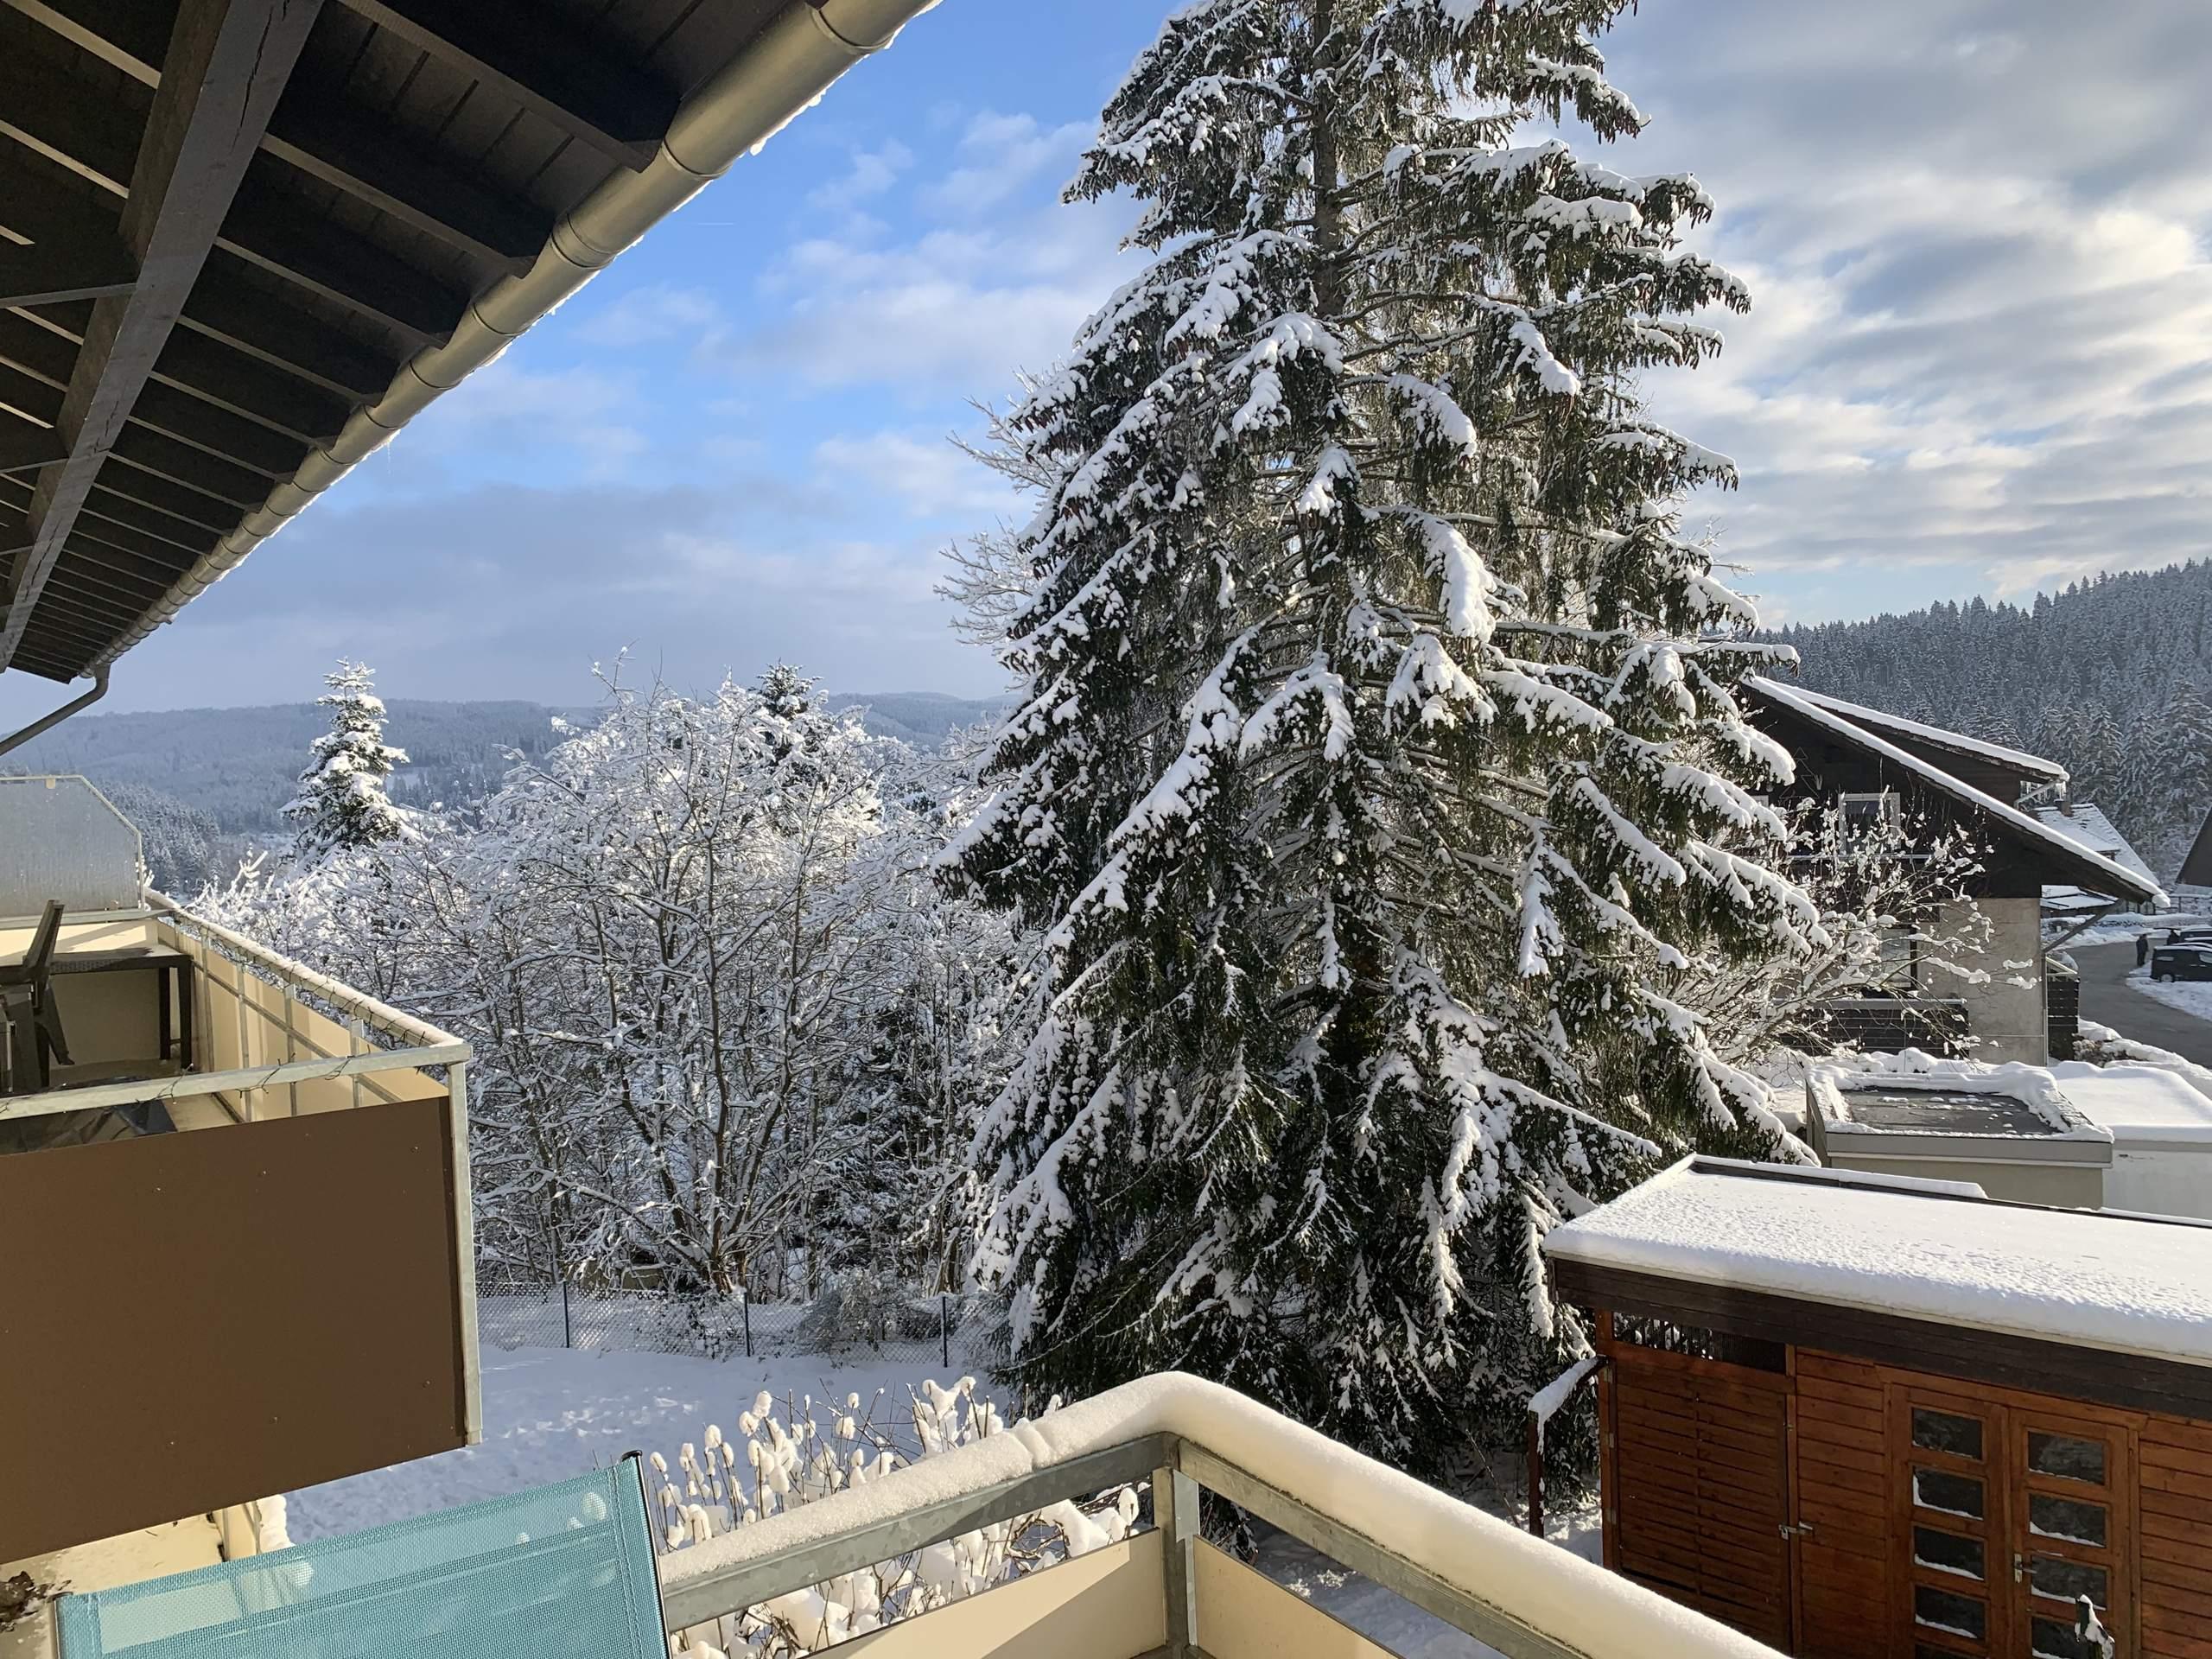 Ferienwohnung Windhausen - Harz Okerblick in Schulenberg - Blick vom Balkon im Winter